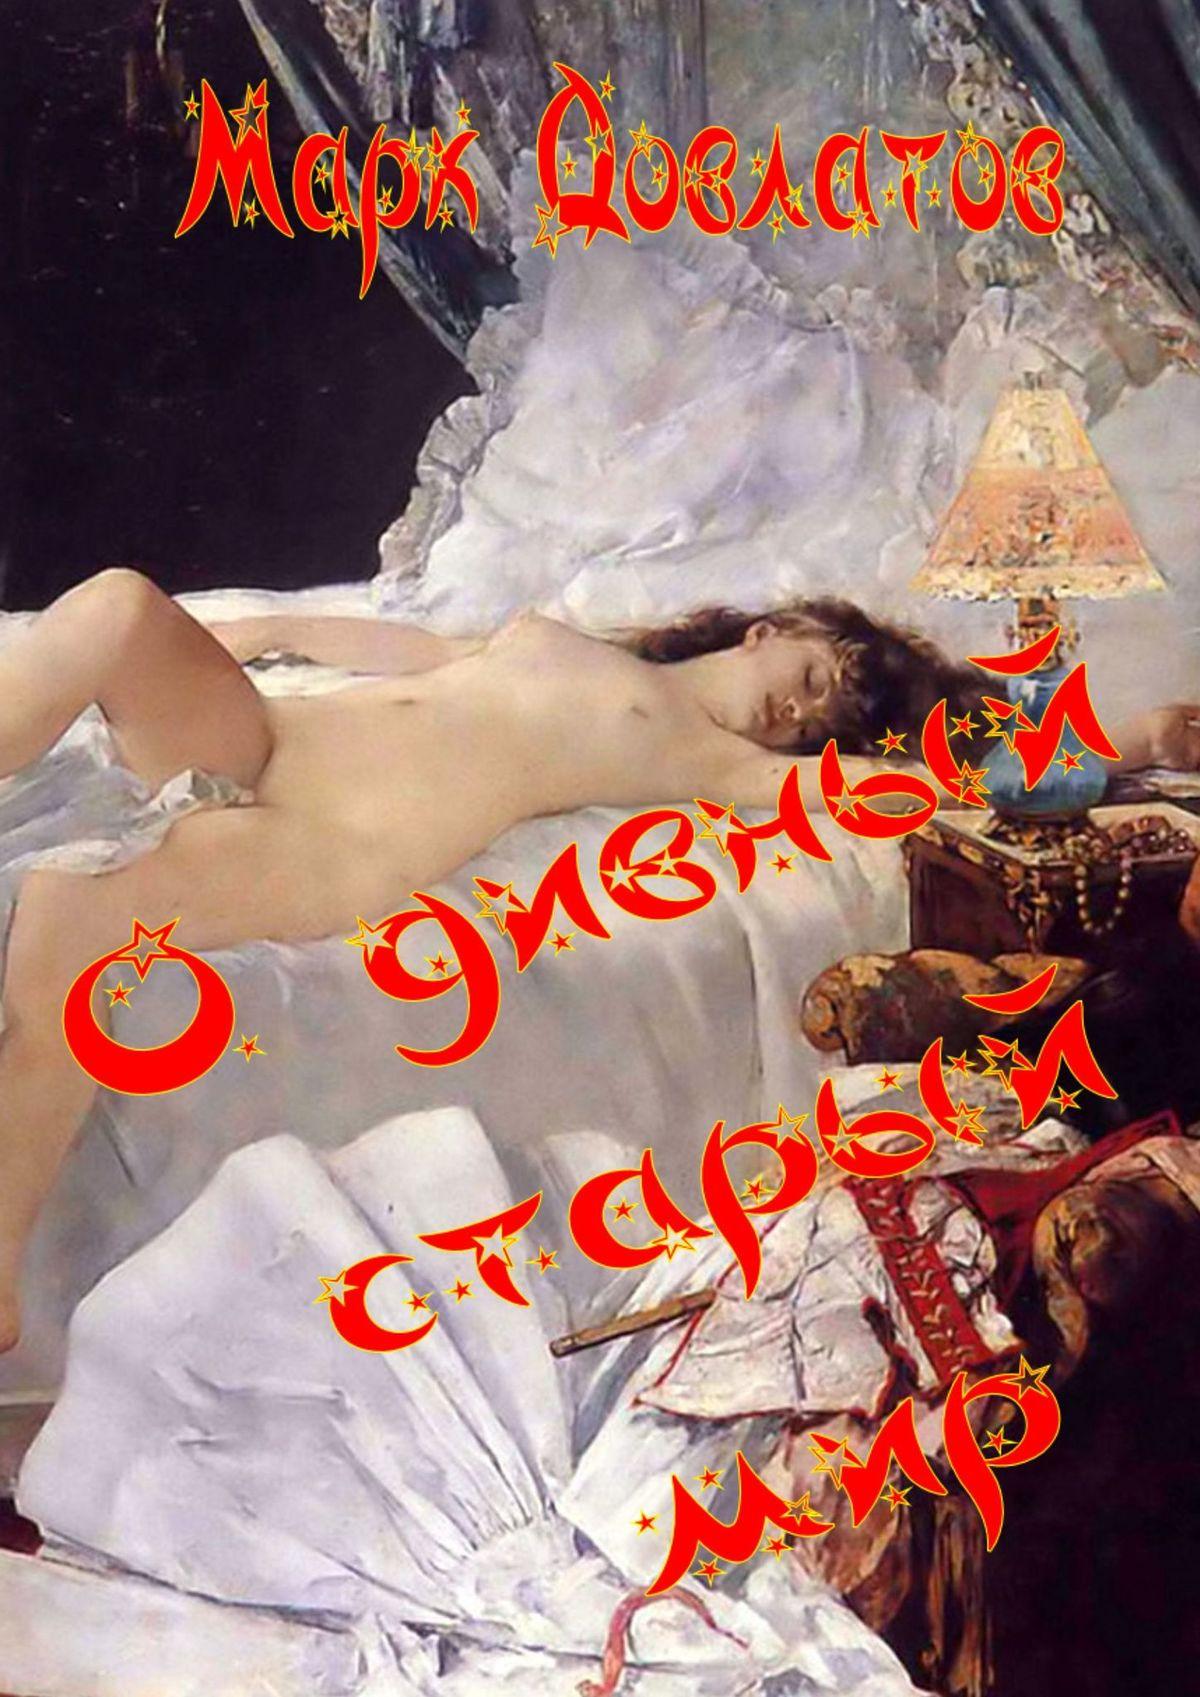 Марк Довлатов Одивный старыймир. Эротическая антиутопия хаксли о о дивный новый мир слепец в газе